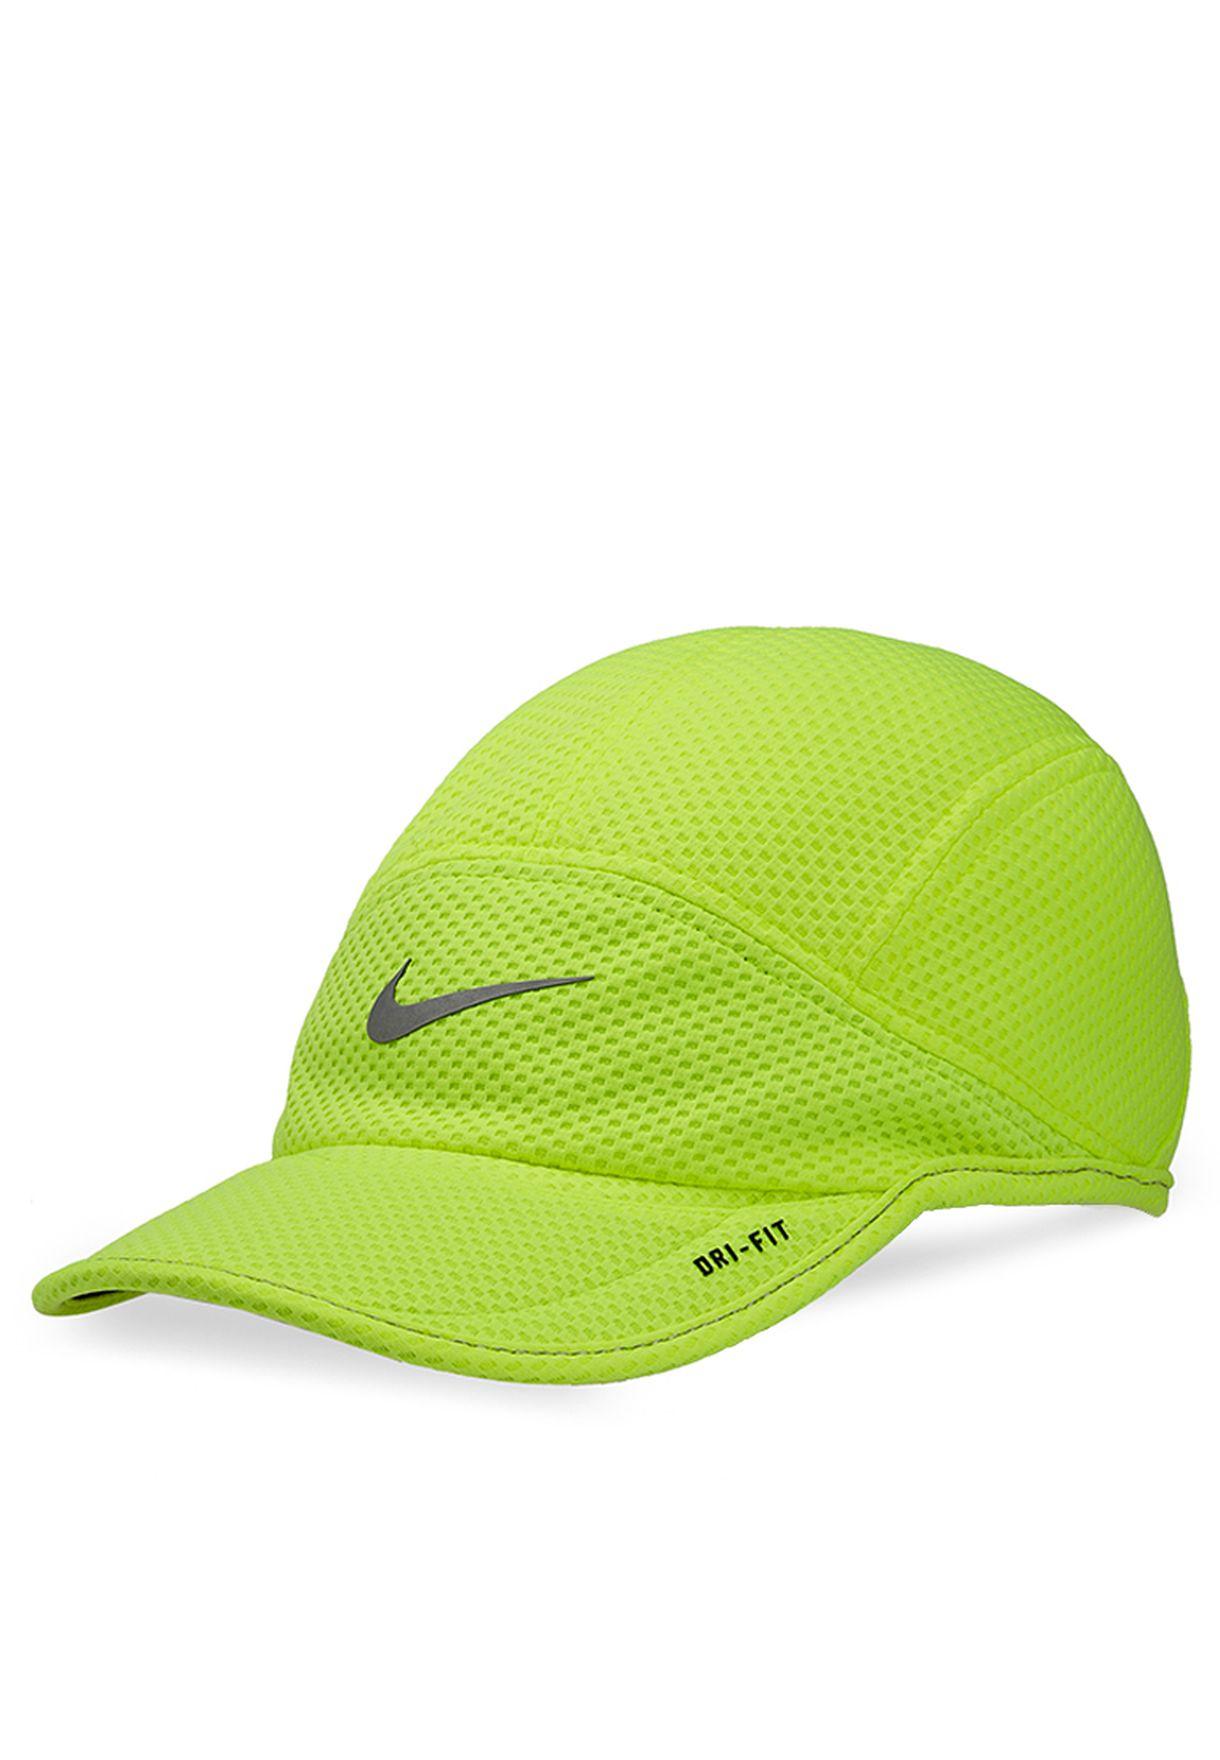 0cc88ede95865 ... sale shop nike yellow mesh daybreak cap nkap520787 712 for men in uae  ni727ac72gux 58979 ffb49